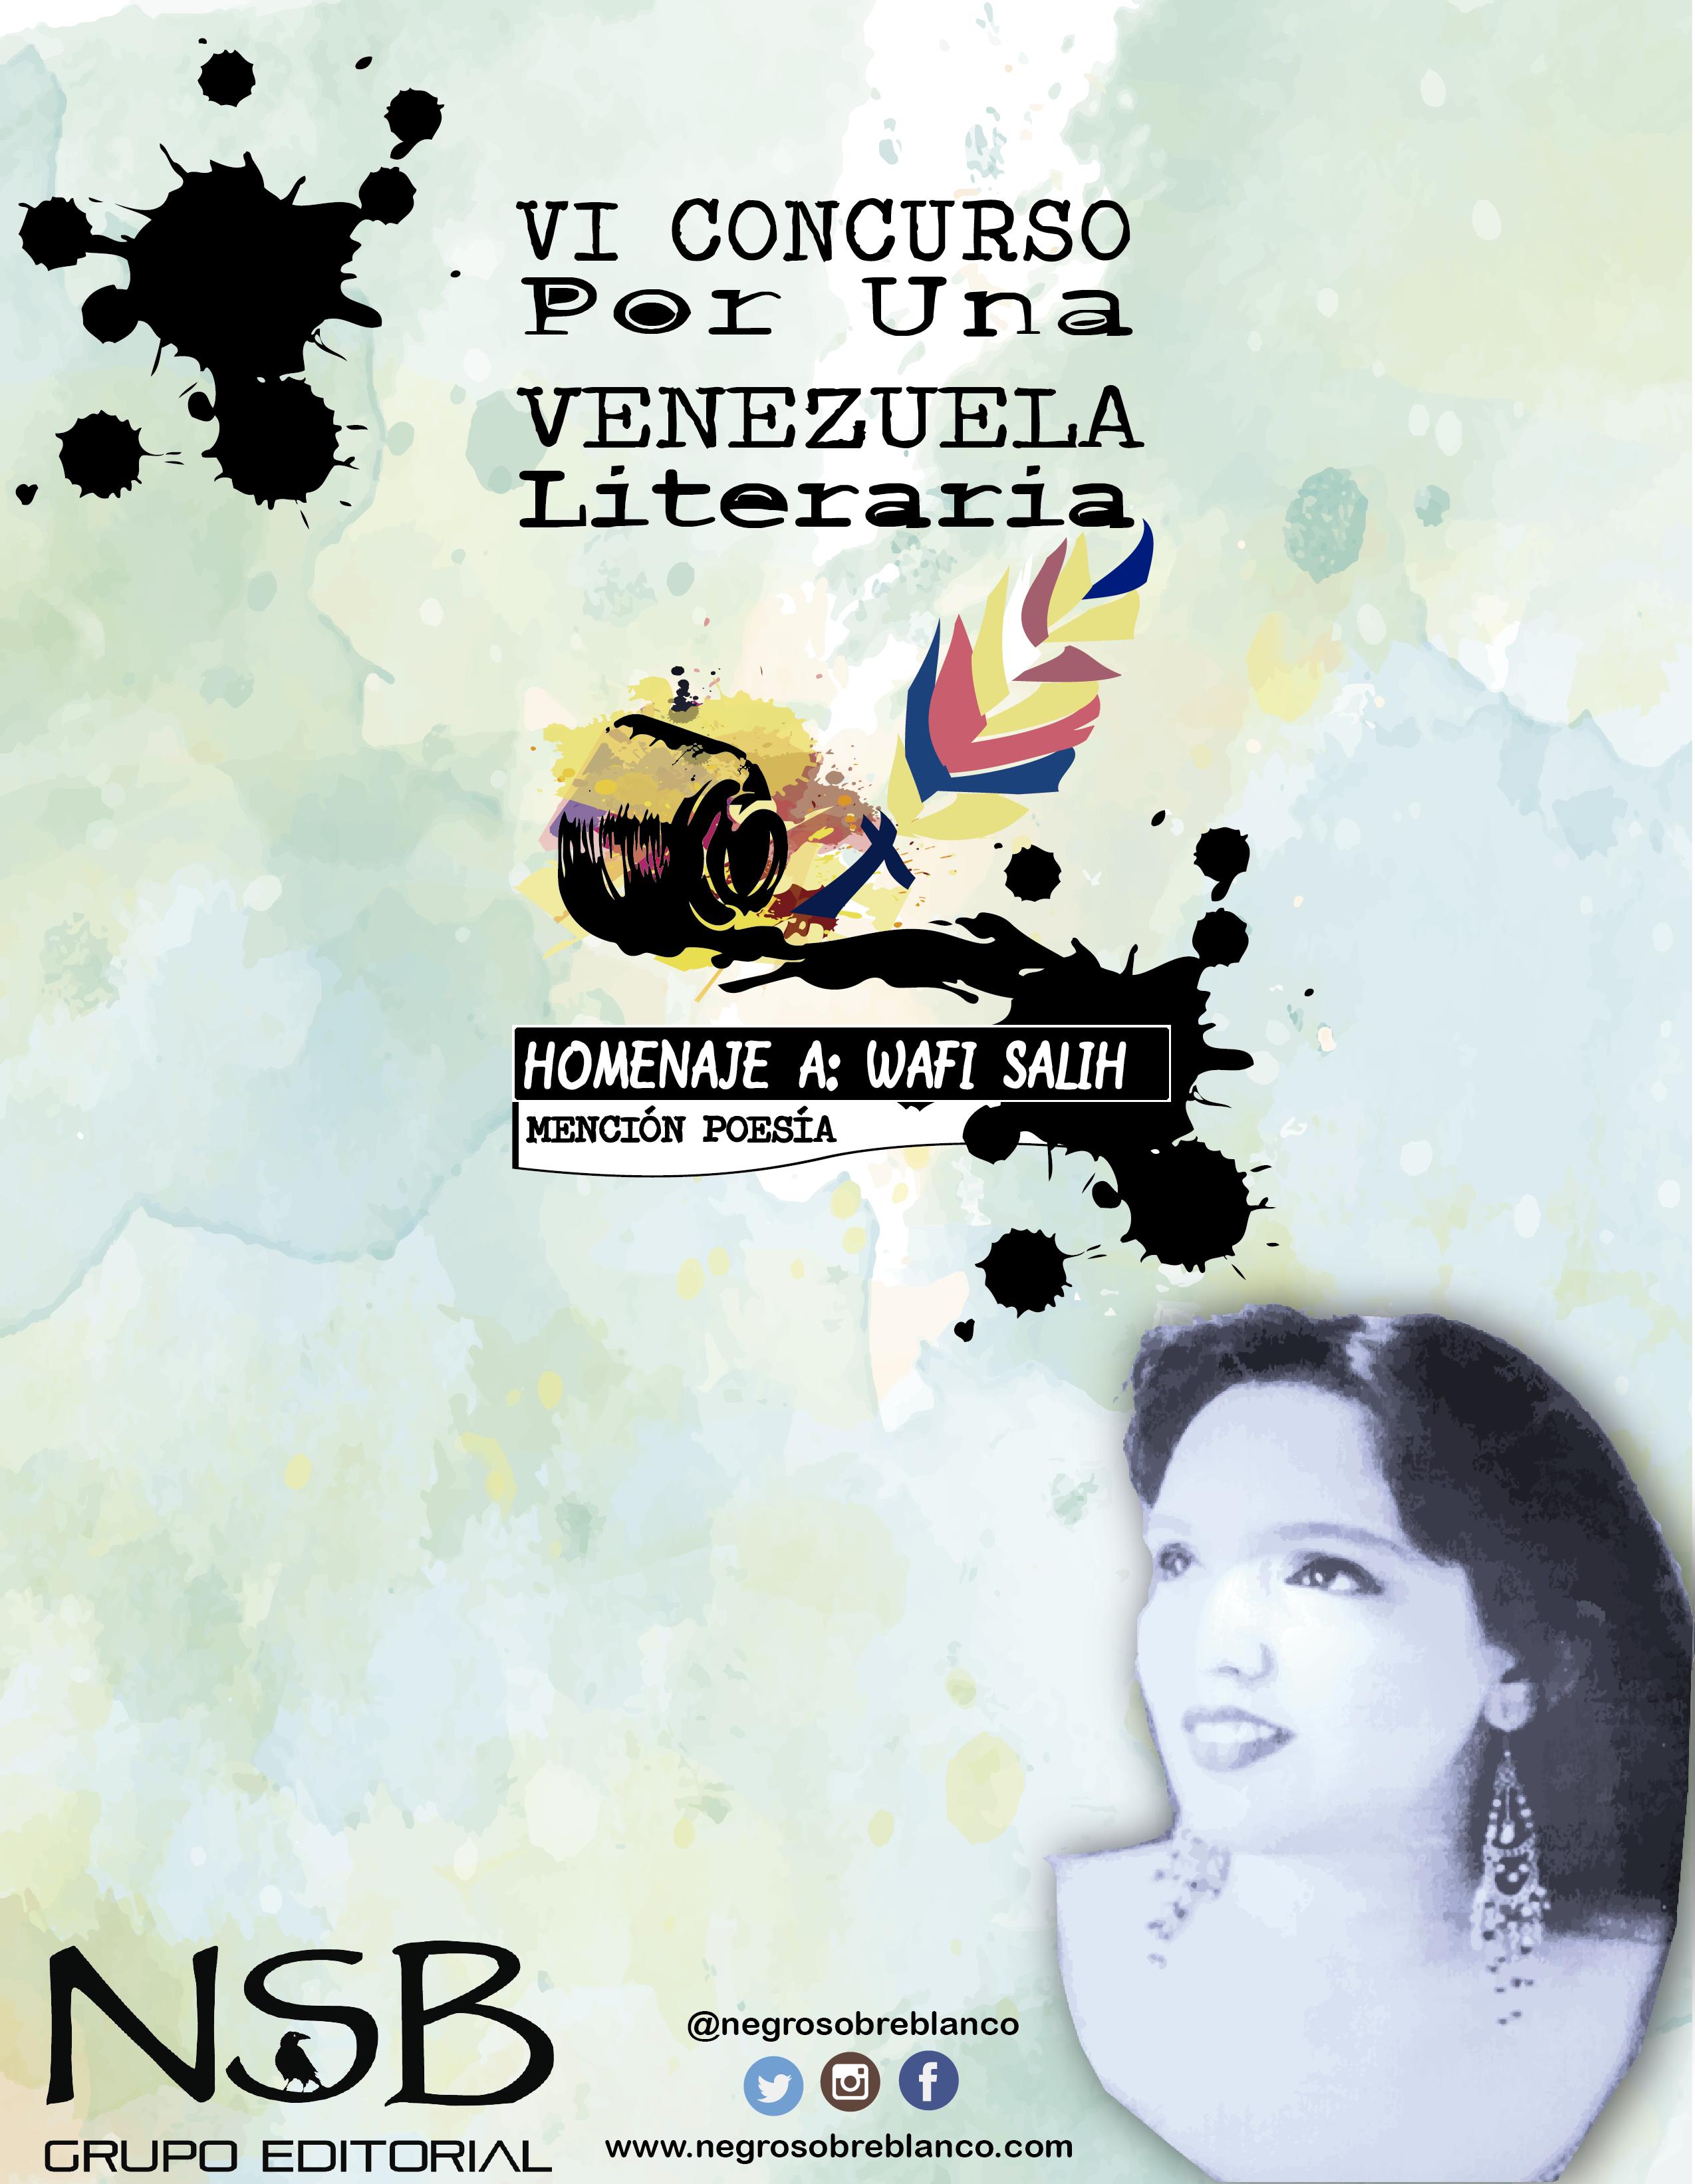 VI concurso por una venezuela literaria